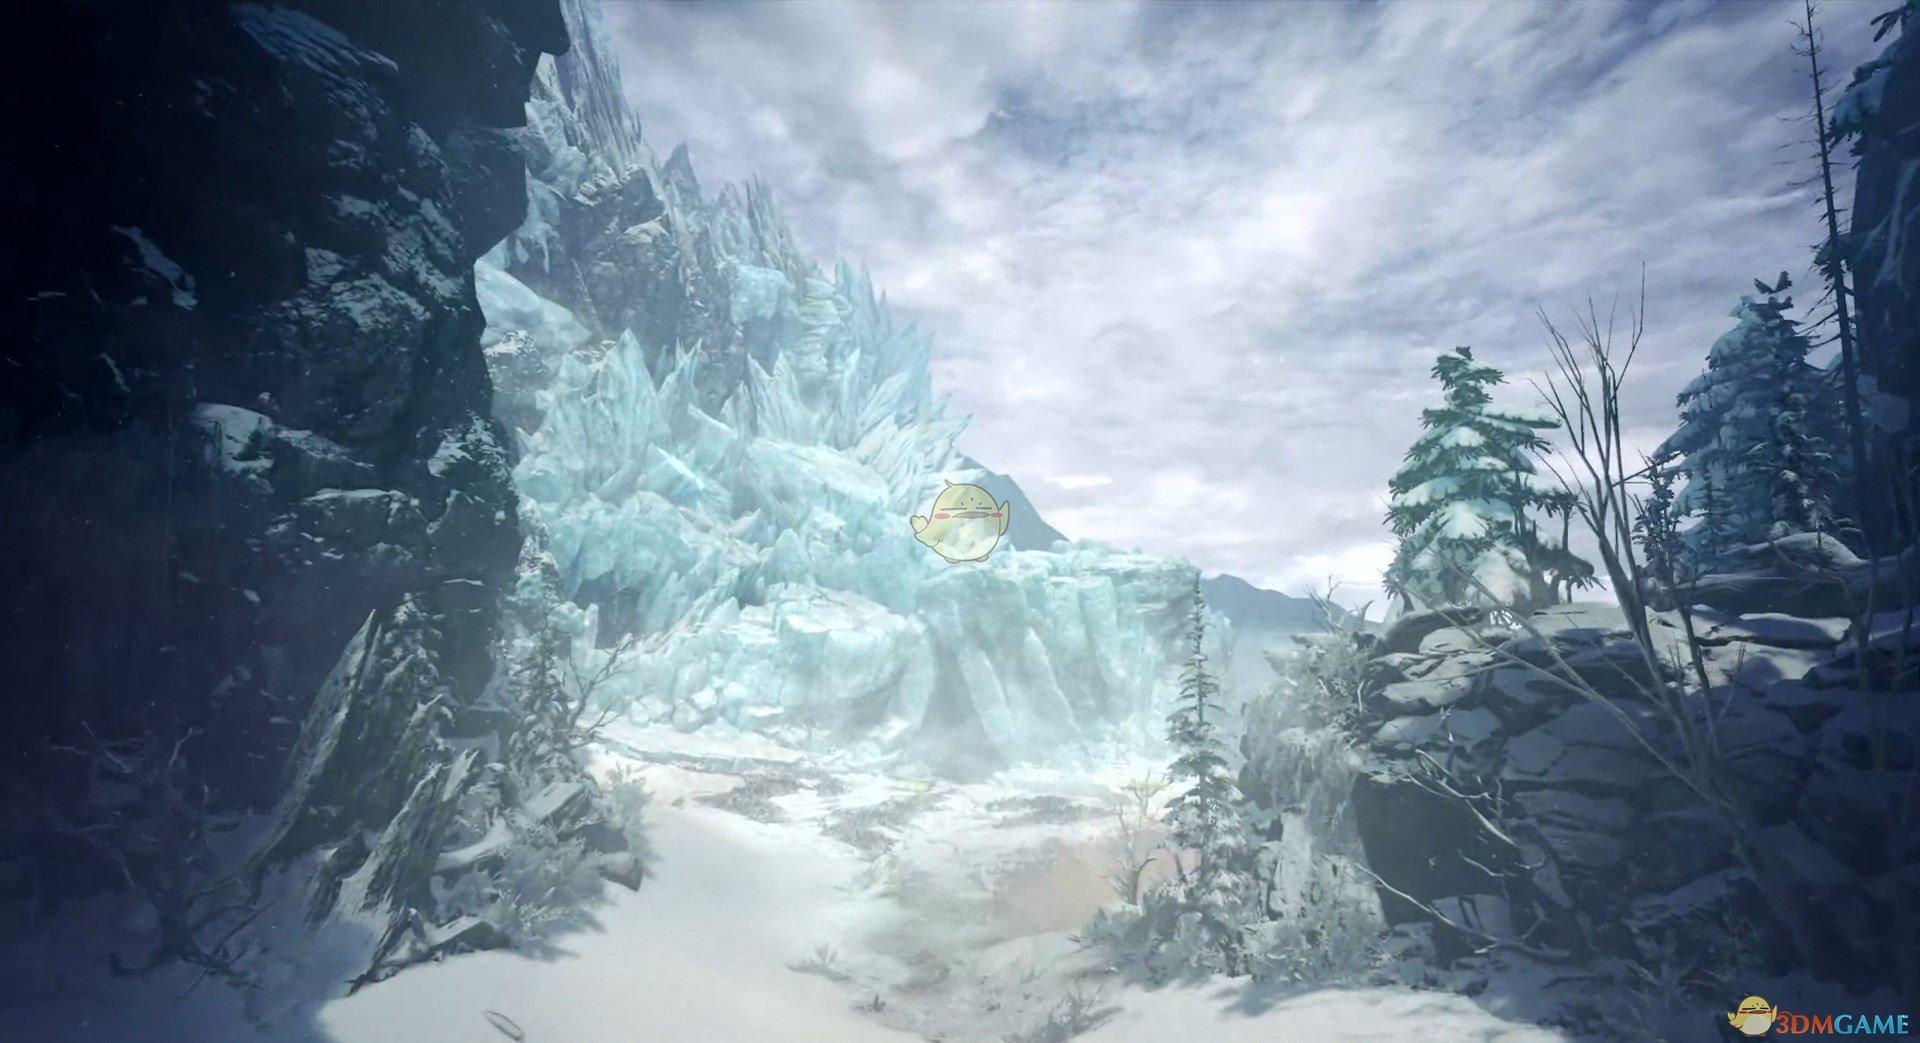 《怪物猎人:世界》冰原DLC大锤武器新增内容介绍